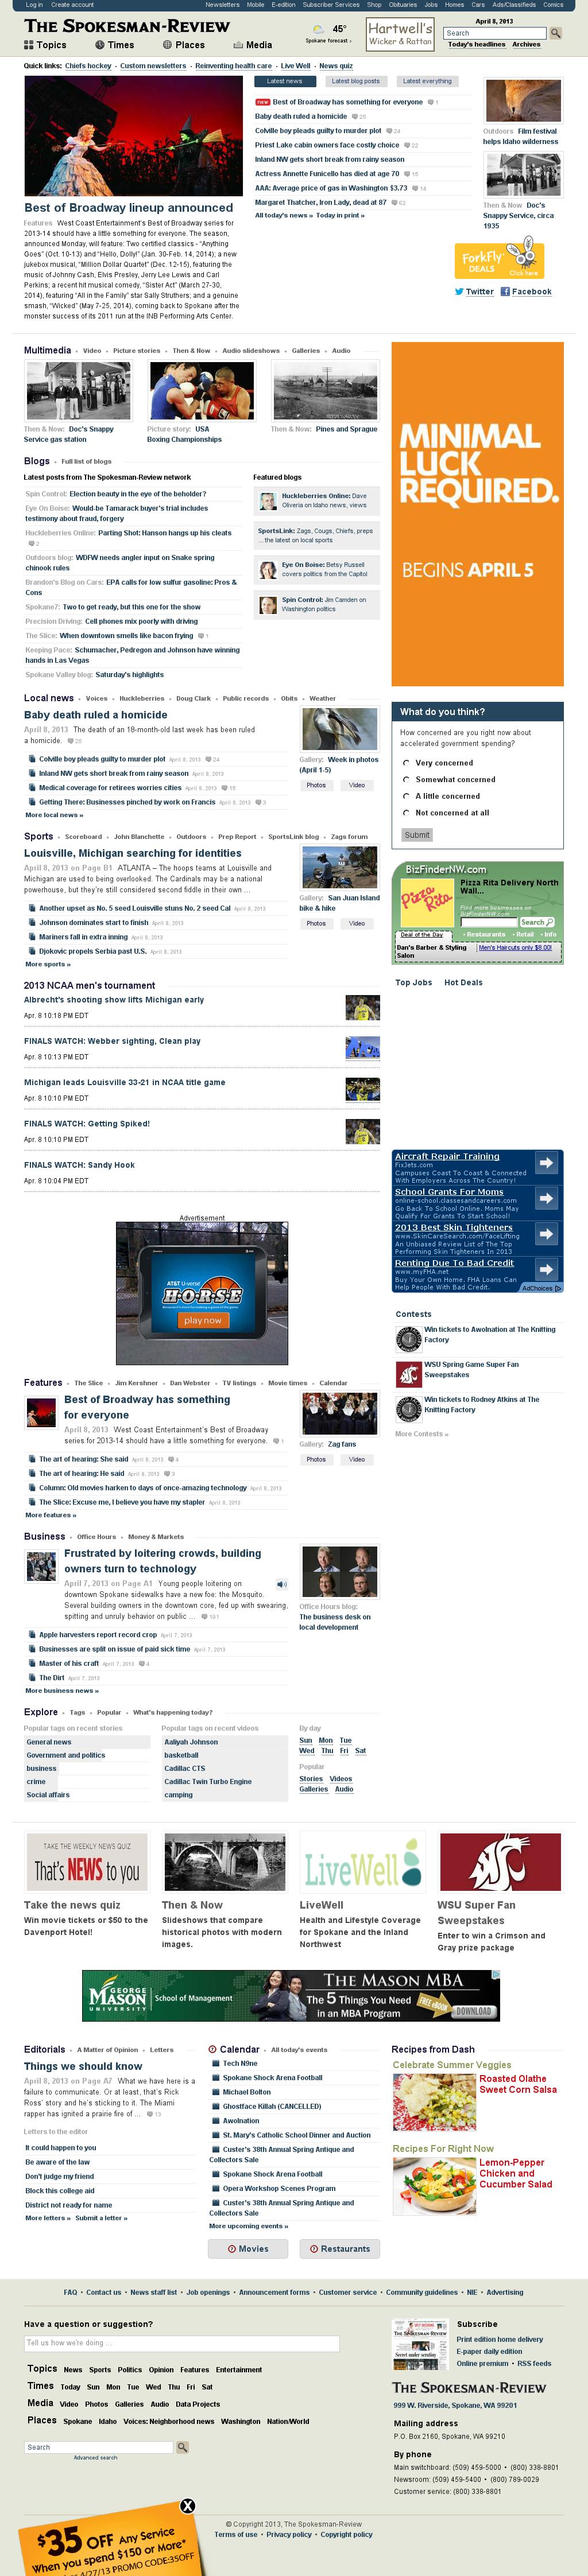 The (Spokane) Spokesman-Review at Tuesday April 9, 2013, 2:22 a.m. UTC